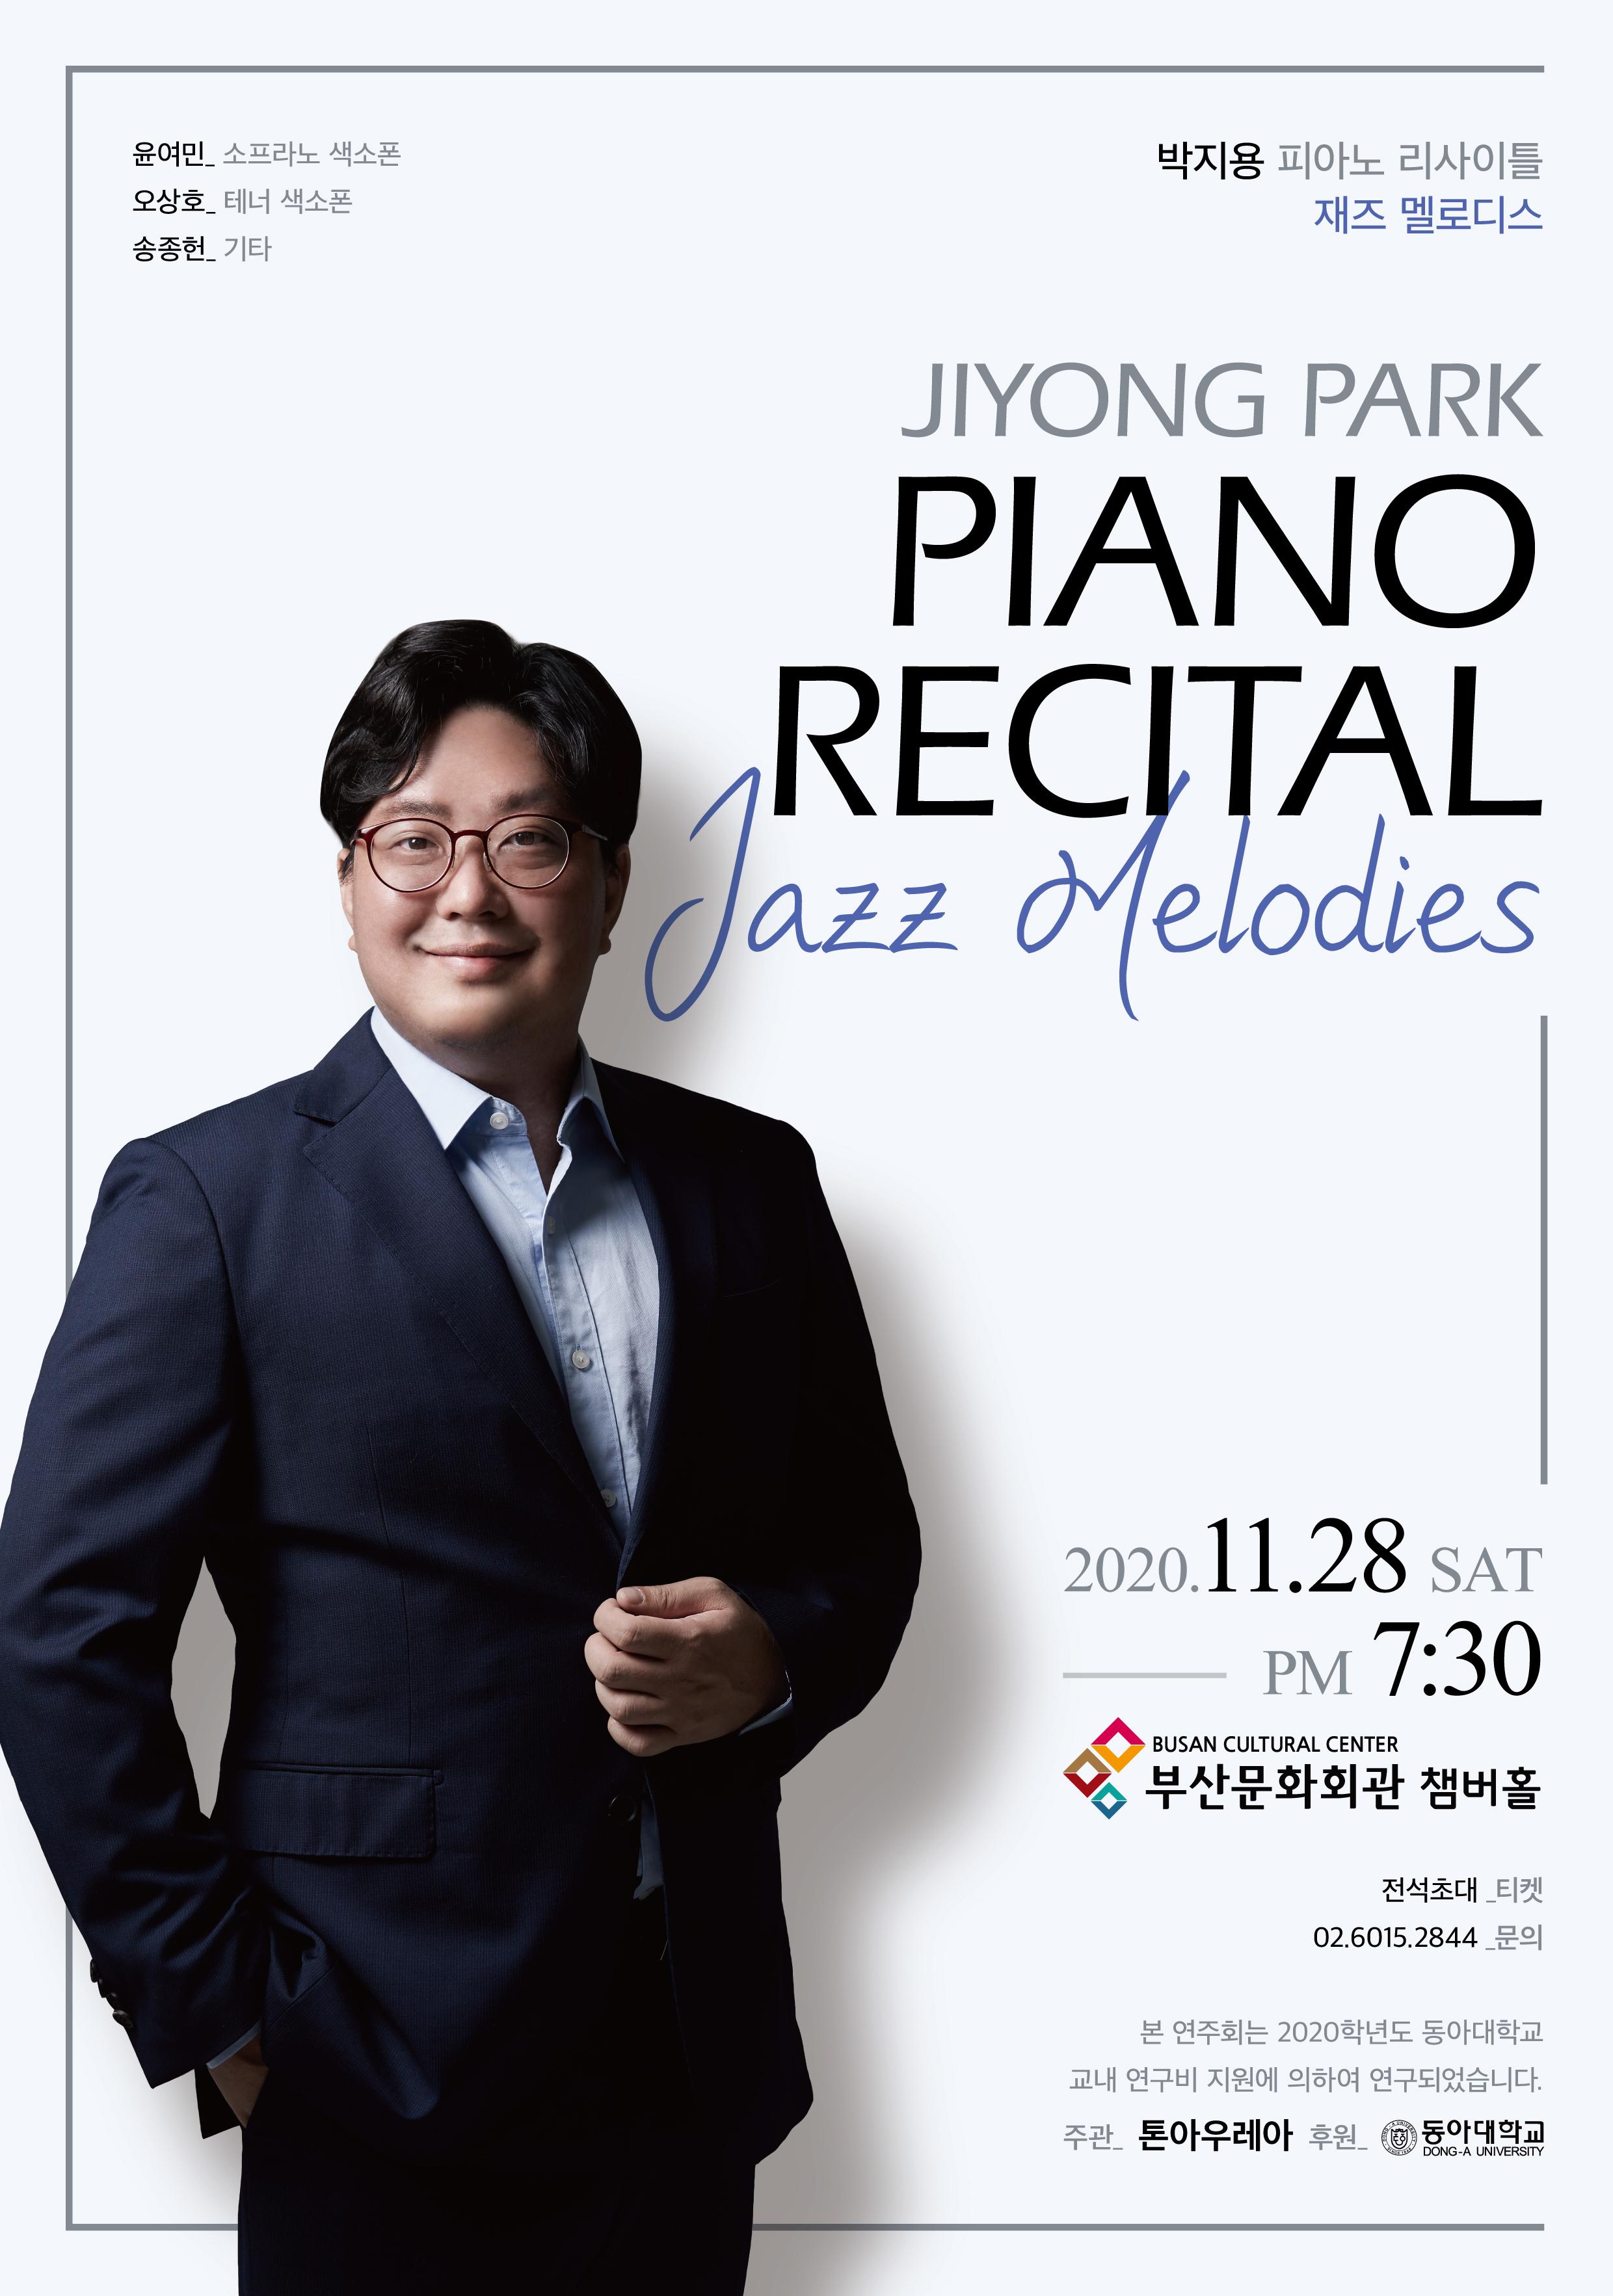 박지용 피아노 리사이틀 - Jazz Melodies